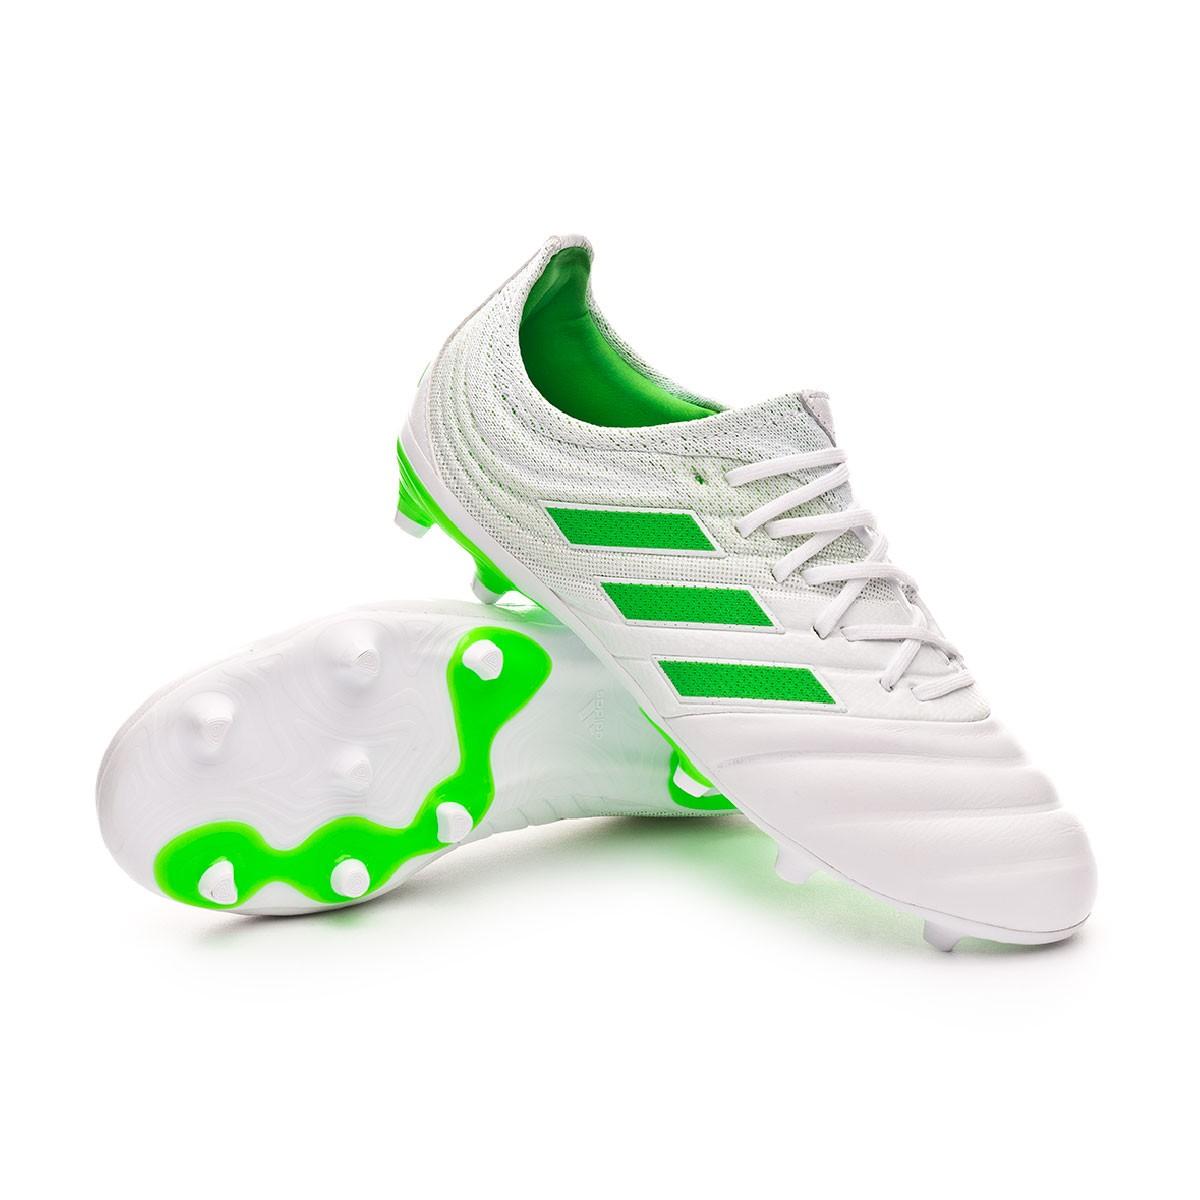 Scarpe adidas Copa 19.1 FG Bambino